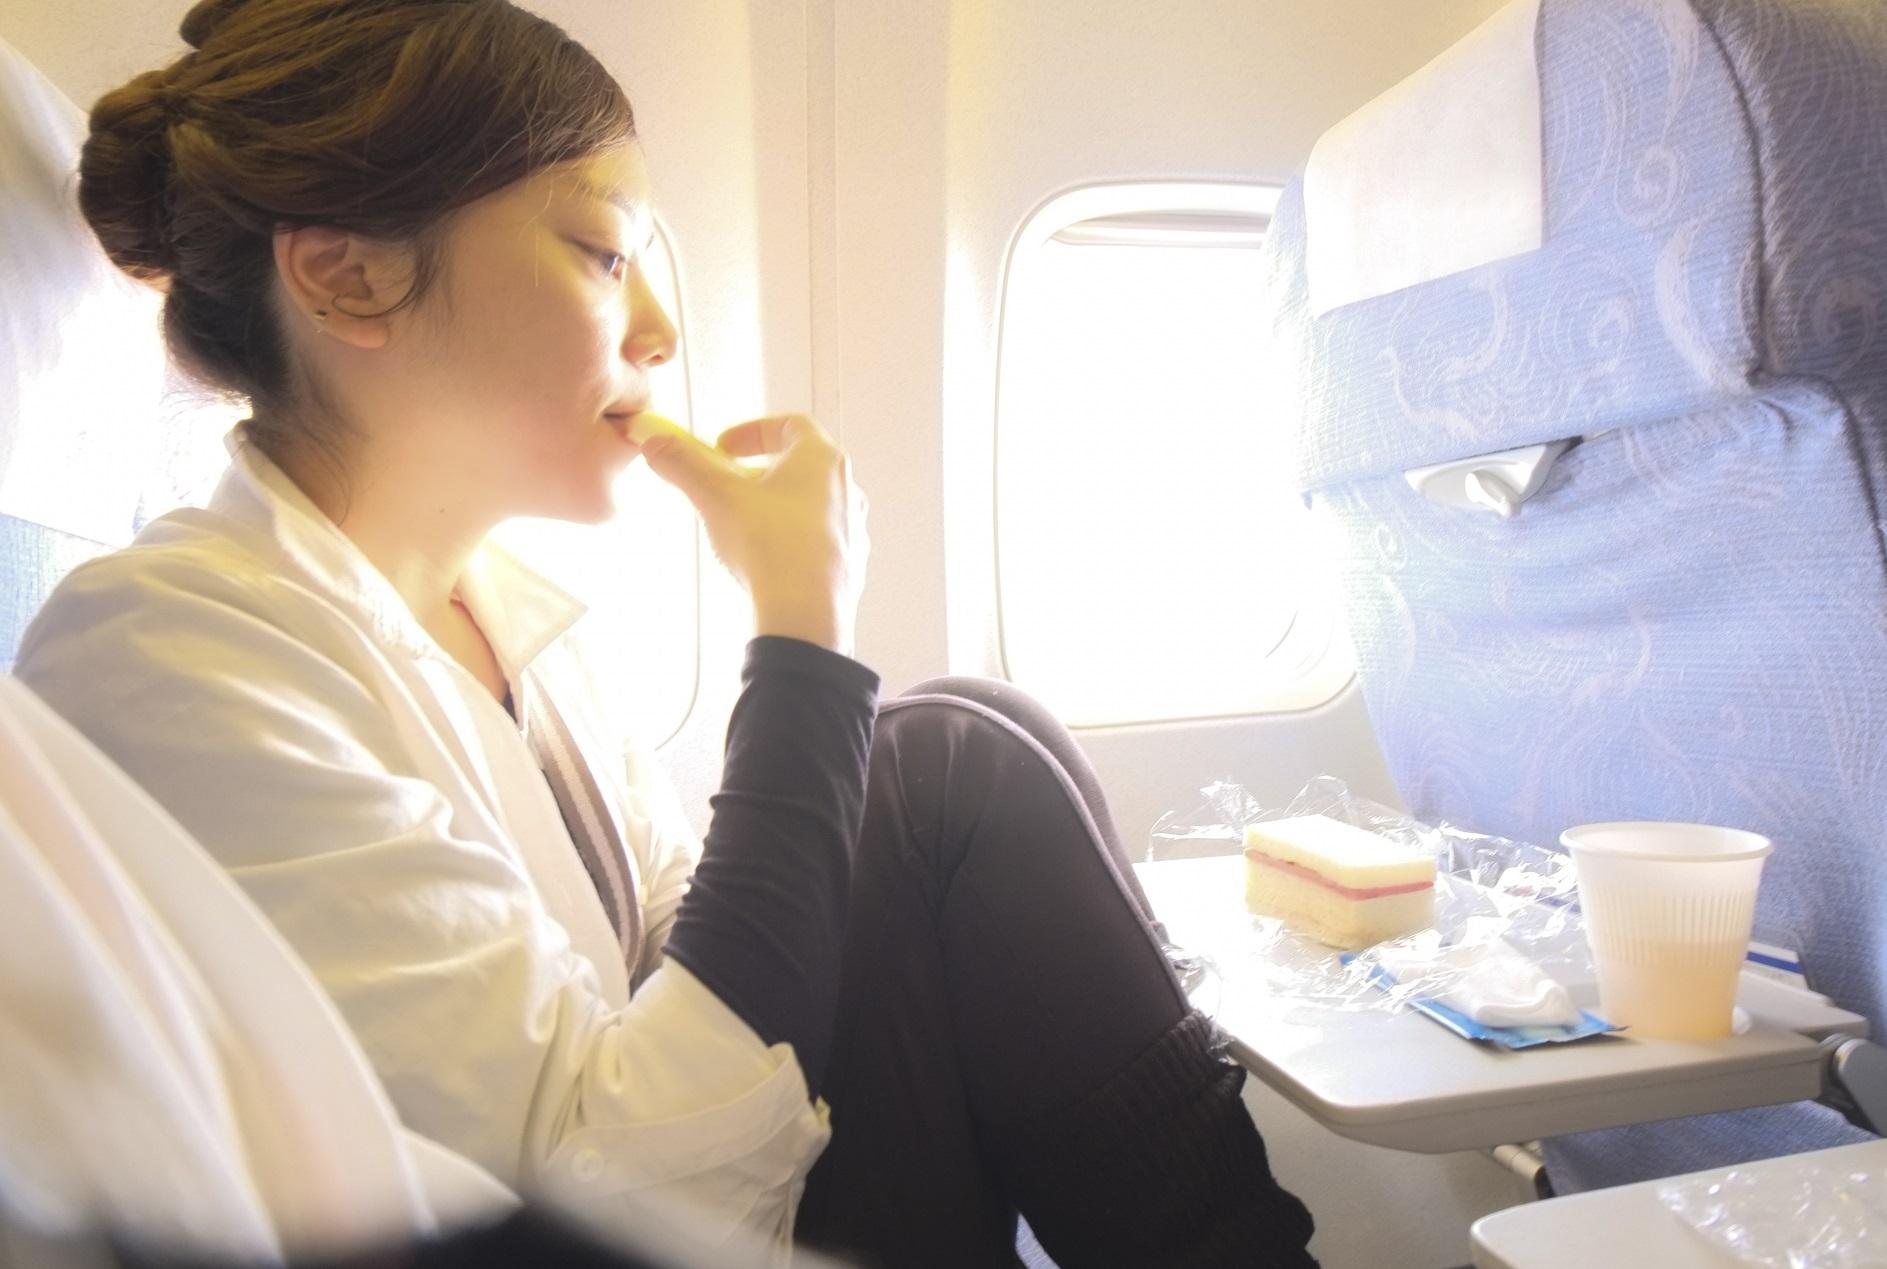 飛行機フライト_機内サービス_機内食を食べる女性